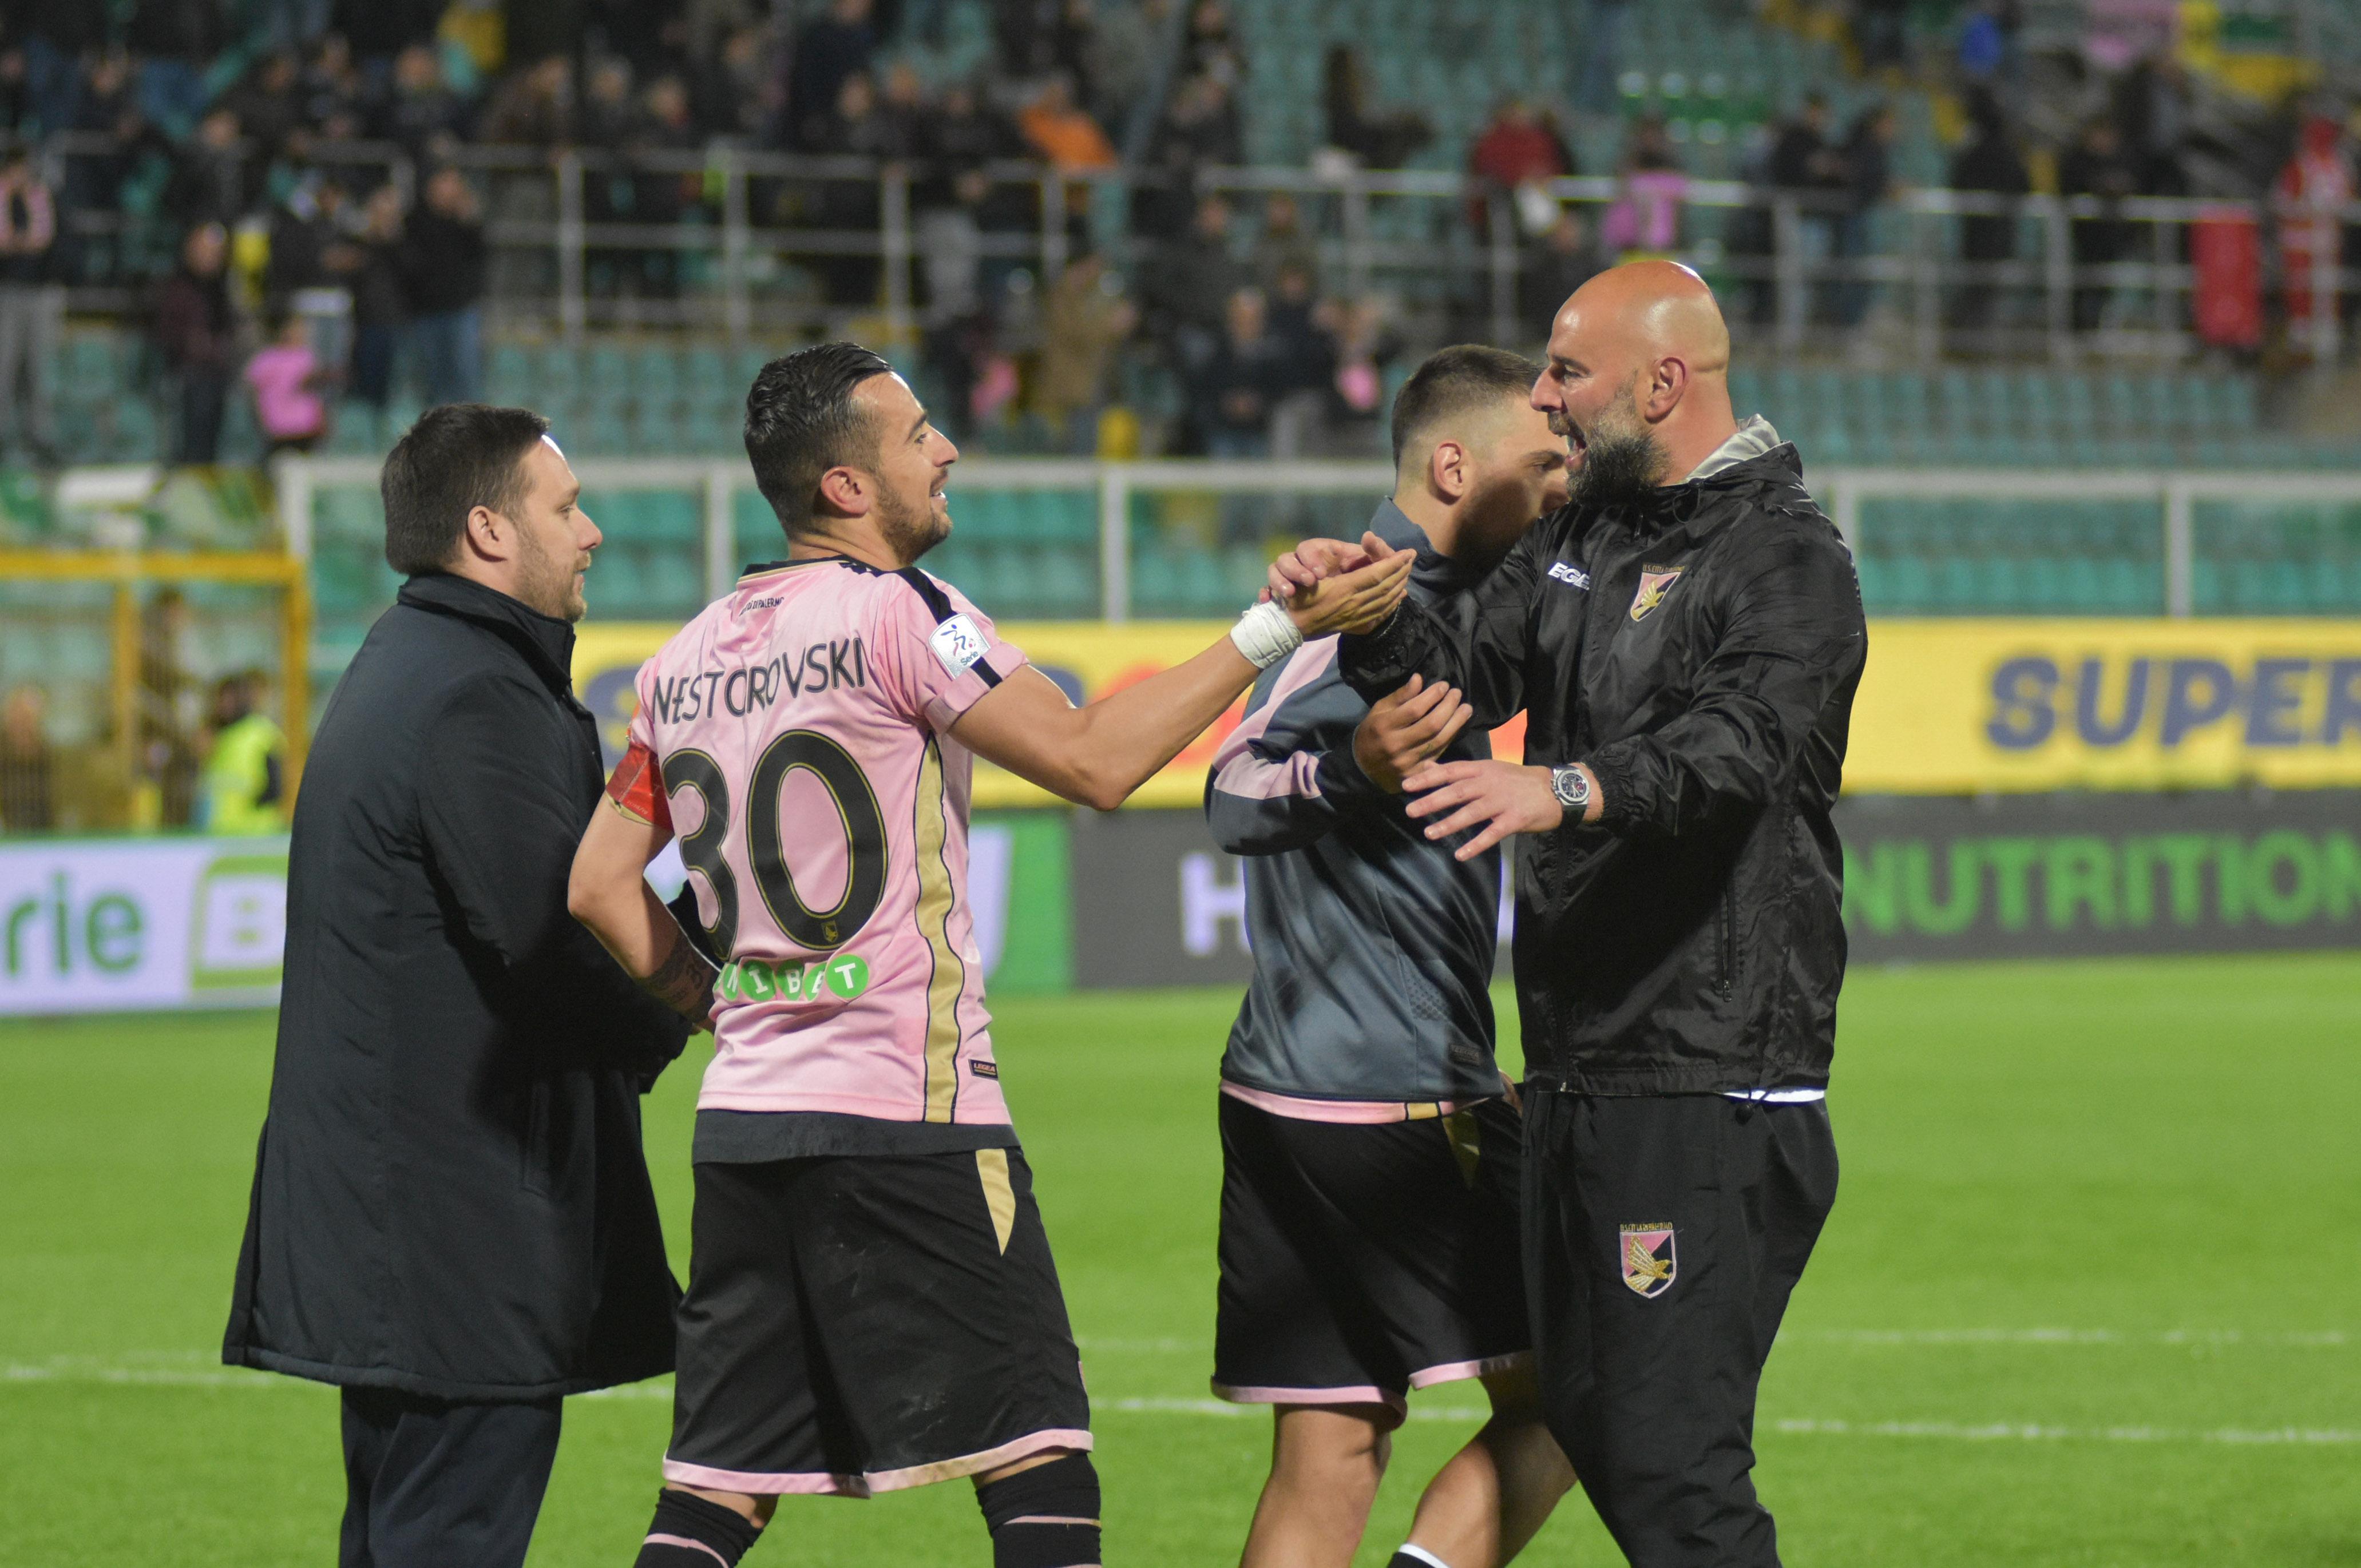 """Ripartire dal pubblico e dalla vittoria. Ilija Nestorovski, capitano del Palermo, commenta così ai microfoni di DAZN la vittoria contro l'Hellas Verona: """"Voglio partire dal pubblico, da chi è venuto oggi, perché questi ci credono e credono in noi. Questo è più importante di tutto. Gol che ci libera da un macigno? Il mio gol è meno importante di tutto: l'importante dopo Pescara era vincere, e oggi abbiamo meritato. Non siamo partiti bene, ma poi abbiamo dominato per 86 minuti"""". LE PAGELLE DI GUIDO MONASTRA E aggiunge: """"Cosa ci succede? Magari c'è un blackout, magari perdiamo. Ma noi giochiamo sempre"""